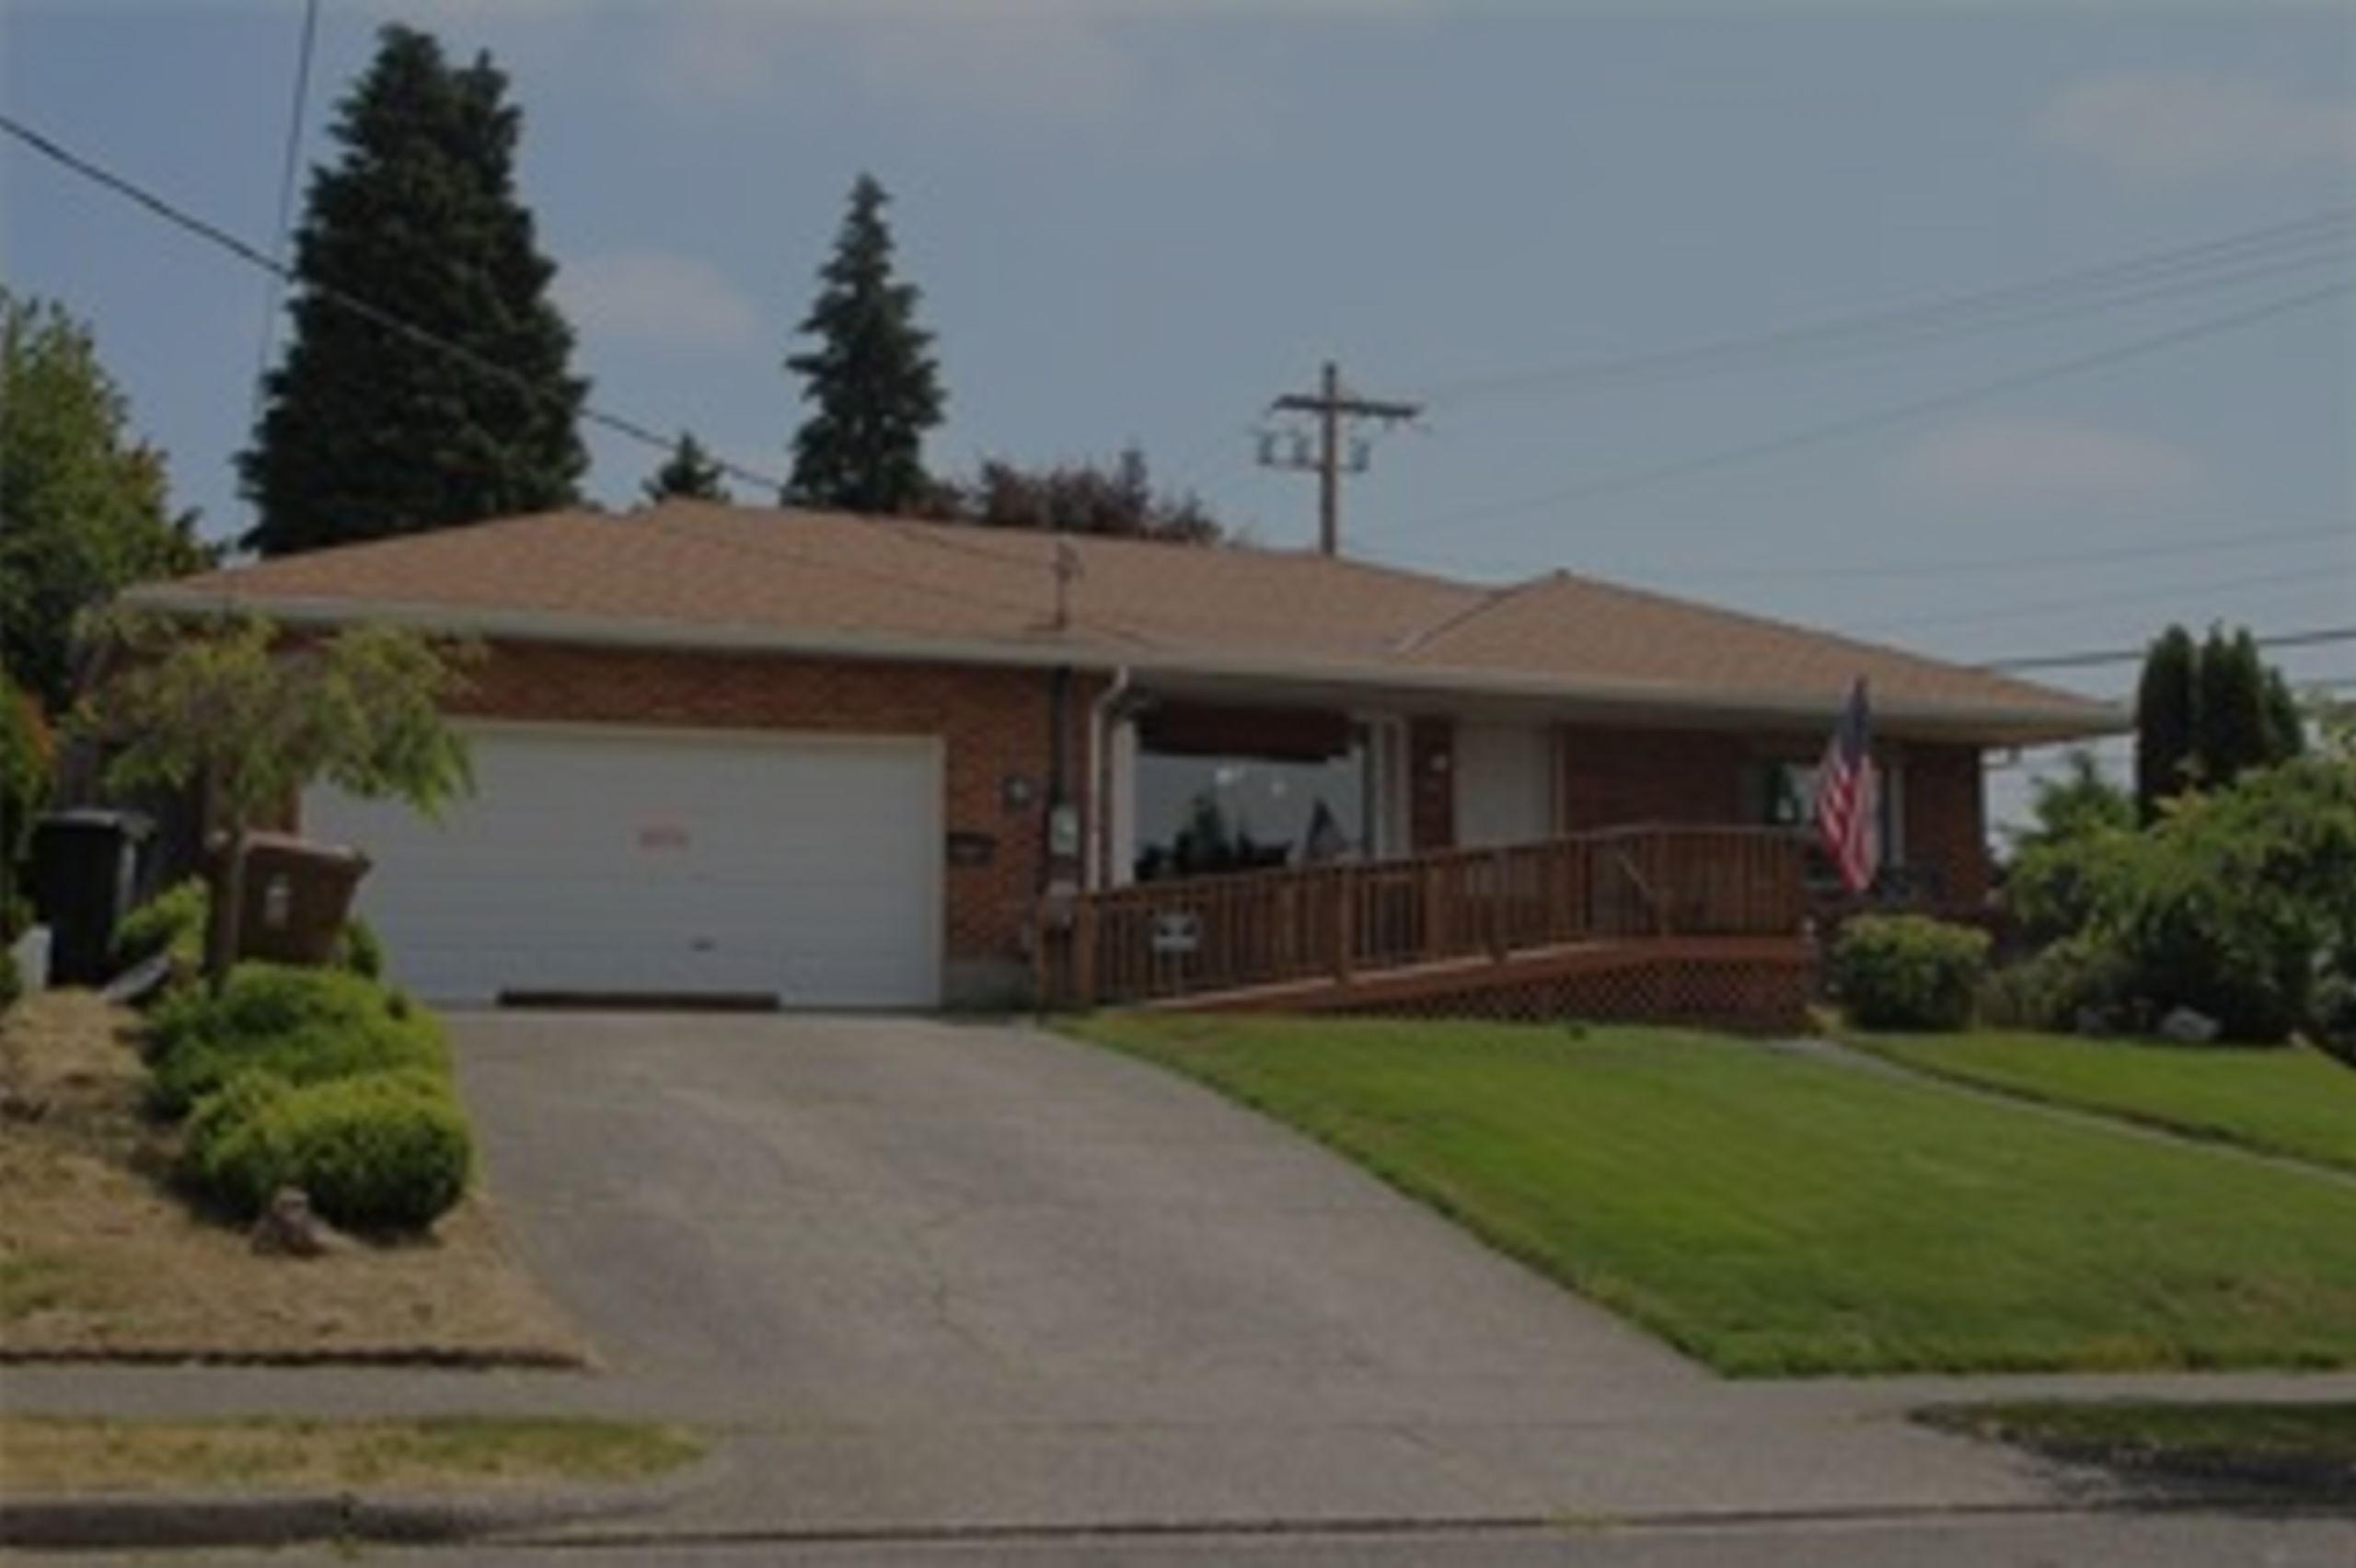 2601 N Highland St Tacoma, WA 98407